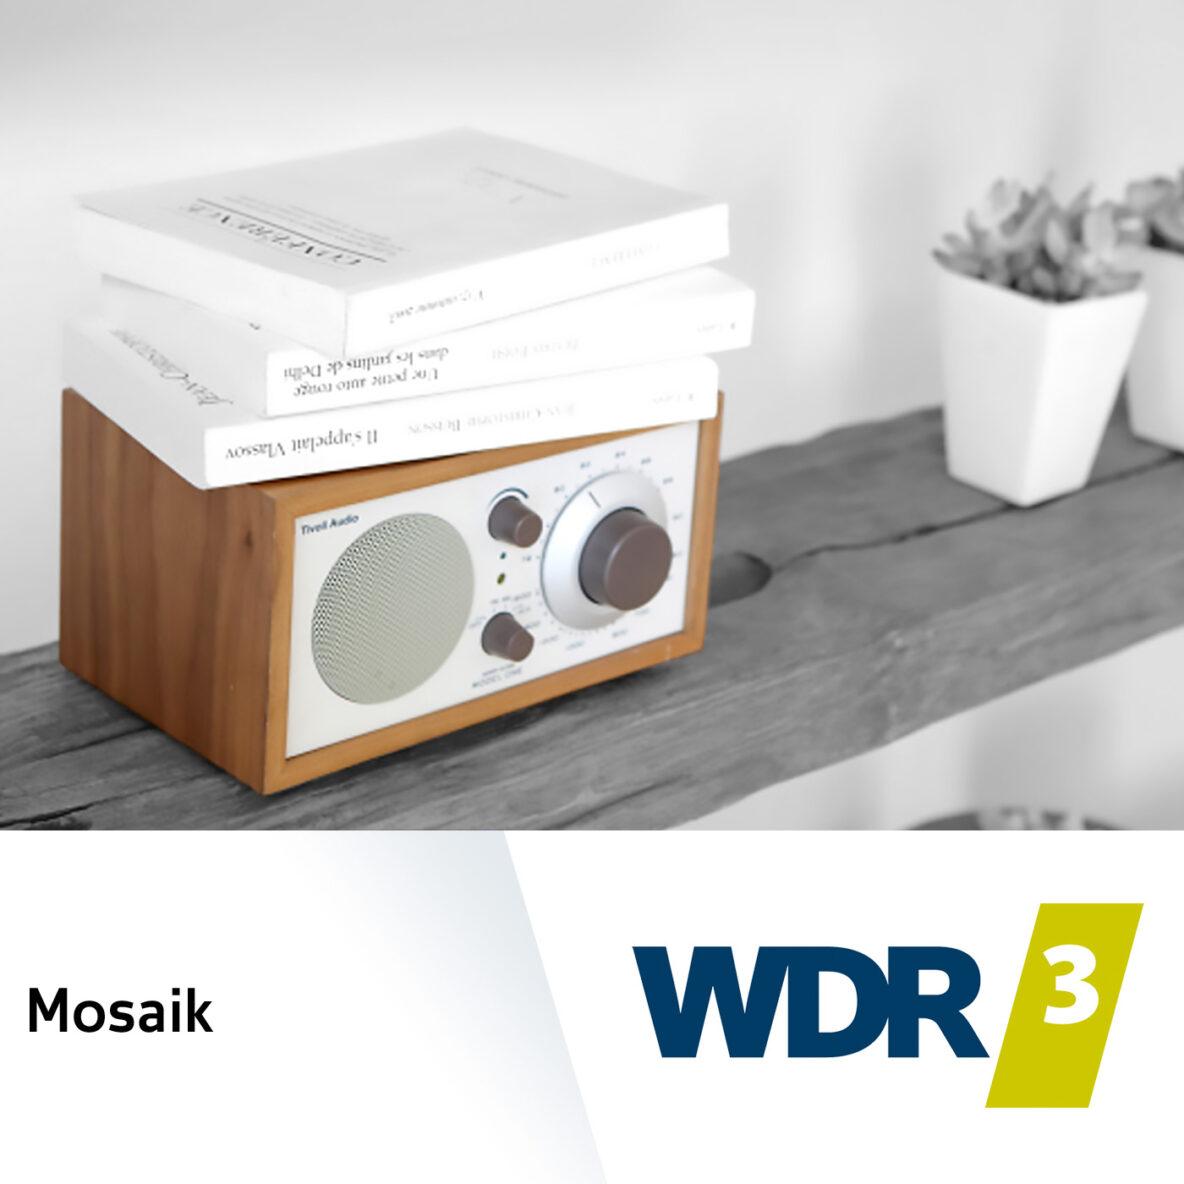 WDR 3 Mosaik